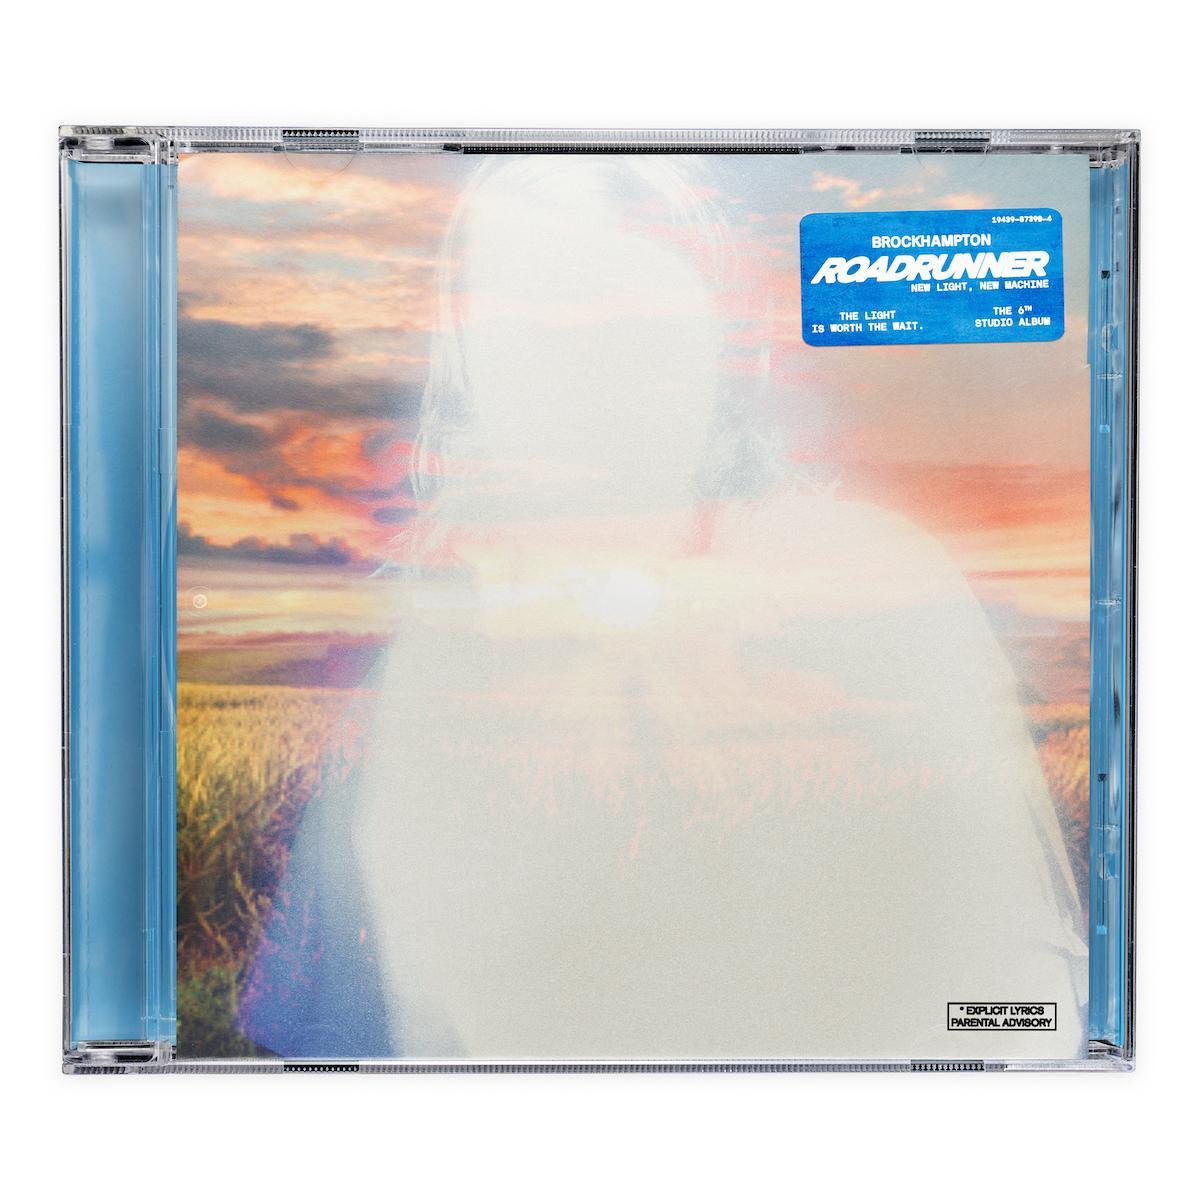 """Capa do álbum ROADRUNNER: NEW LIGHT, NEW MACHINE. Foto quadrada com o fundo branco. Ao centro, a capa de um CD físico. Suas laterais são da cor azul, e a arte é posicionada em seu centro. Nela, vemos a silhueta branca de um homem com cabelos longos olhando para frente. Atrás dele, a paisagem de um campo verdejante ao pôr do sol, que ilumina em laranja as nuvens. No canto superior direito, é possível observar uma etiqueta azul, com os dizeres """"ROADRUNNER"""" em branco no seu centro. Acima dele, em uma fonte menor, """"BROCKHAMPTON"""". E abaixo, """"NEW LIGHT, NEW MACHINE"""". Ainda no canto inferior esquerdo, lê-se """"THE LIGHT IS WORTH THE WAIT."""", e no canto inferior direito, """"THE 6th STUDIO ALBUM"""""""